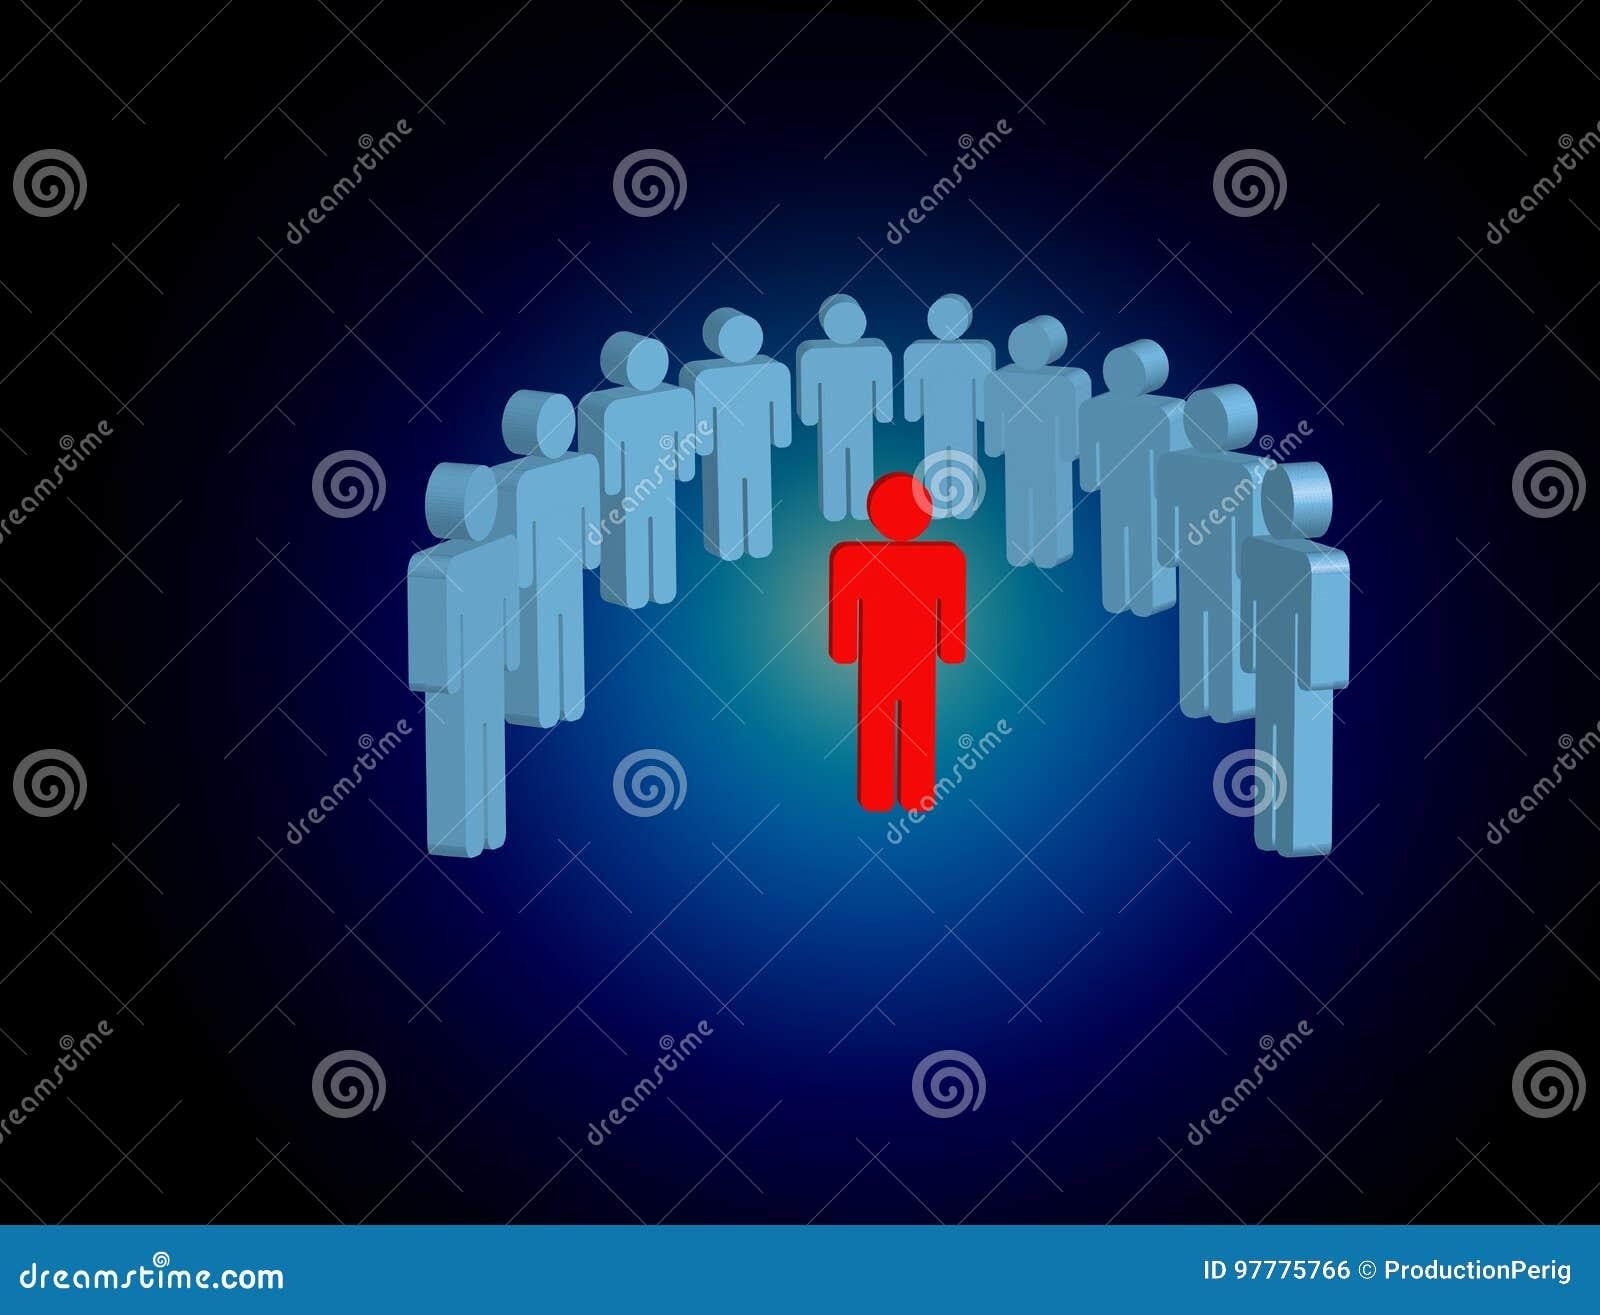 Intruso en un grupo de gente de la red - estafa del negocio y del contacto